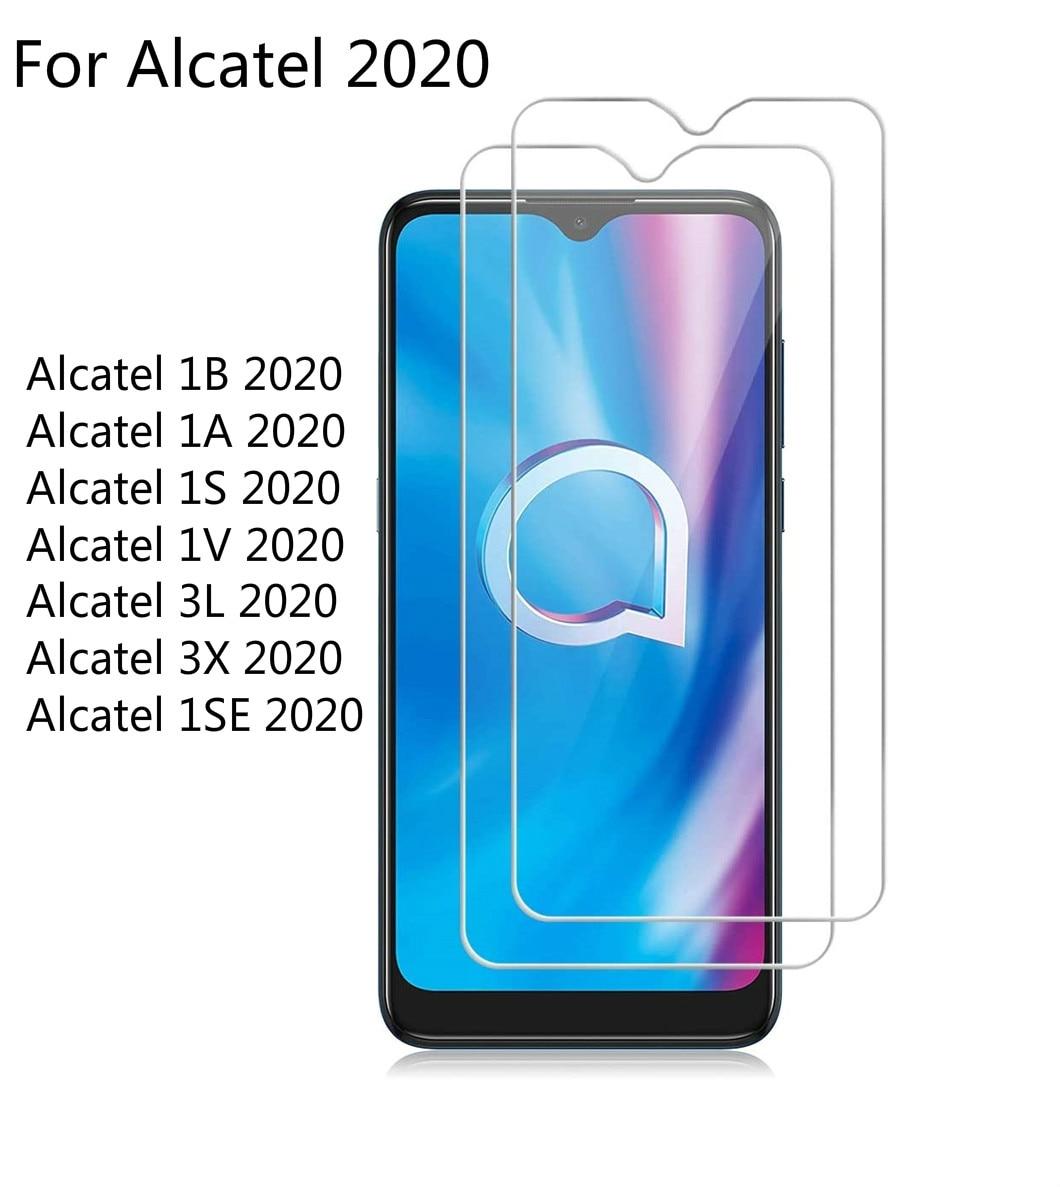 2 шт. закаленное стекло для Alcatel Работает с любым оператором, 1B 1A 1S 1V 3L 1SE 3X 2020 Экран протектор 2.5D с уровнем твердости 9H для Alcatel Работает с любым оператором, 2020 защитная пленка, стекло|Защитные стёкла и плёнки|   | АлиЭкспресс